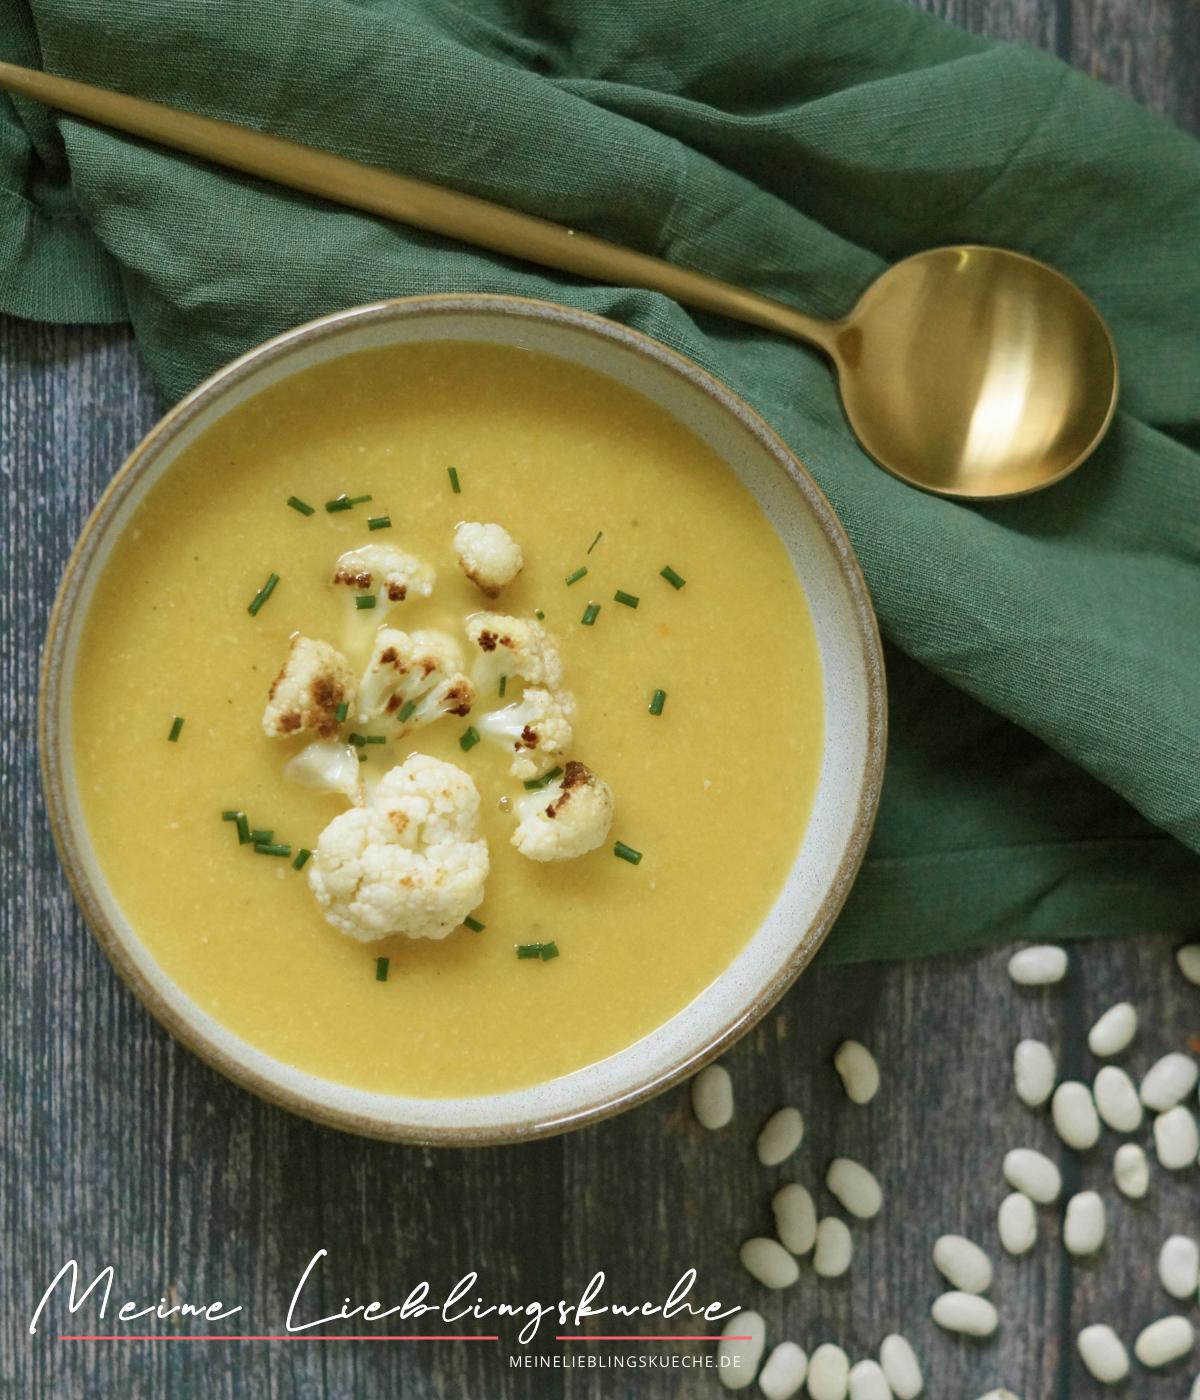 Cremige Blumenkohl-Suppe mit weißen Bohnen vegan